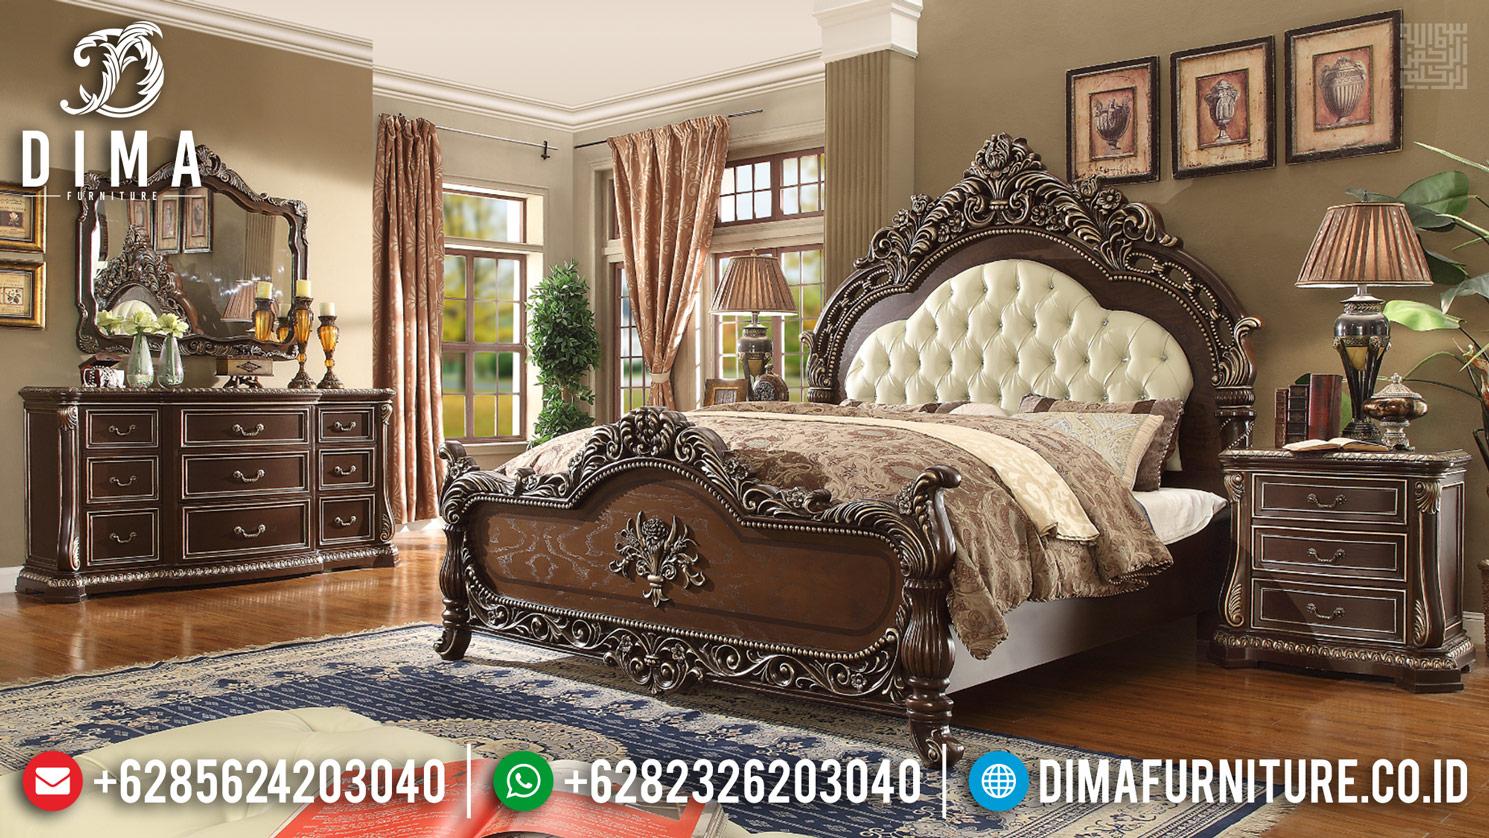 Tempat Tidur Mewah Jati Natural Classic Dark Brown Mebel Jepara TTJ-0325